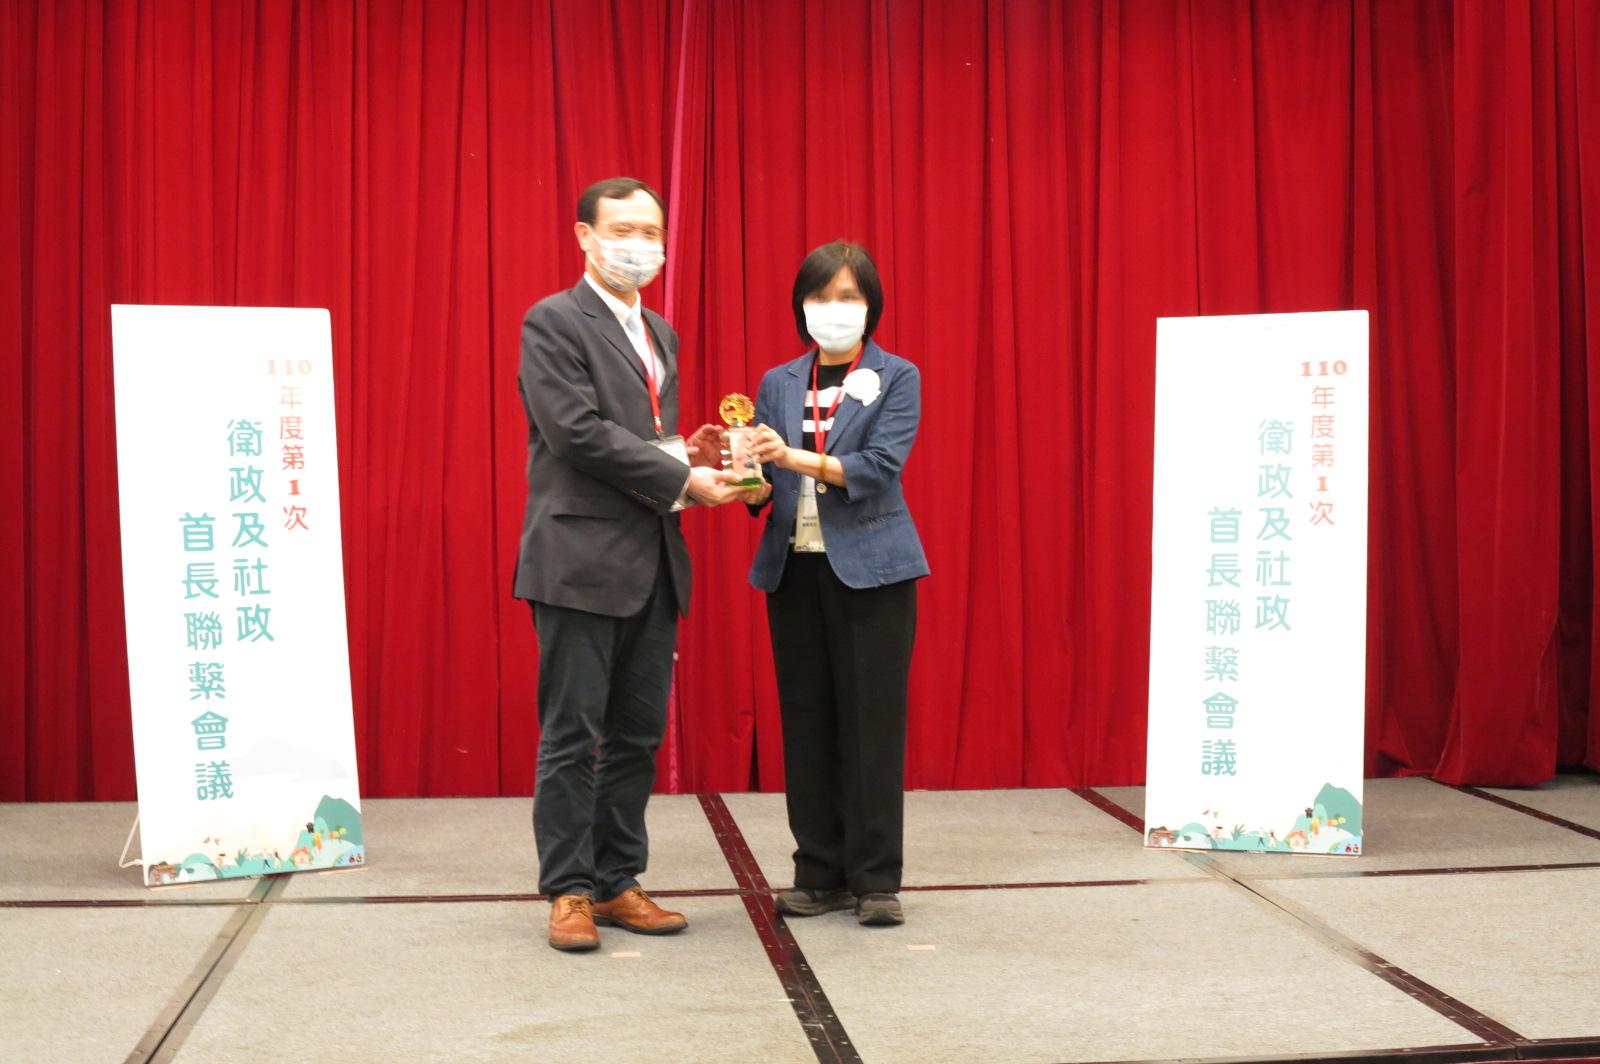 恭賀!彰化縣衛生局榮獲109年地方衛生機關食品藥物類業務考評第二組優等獎